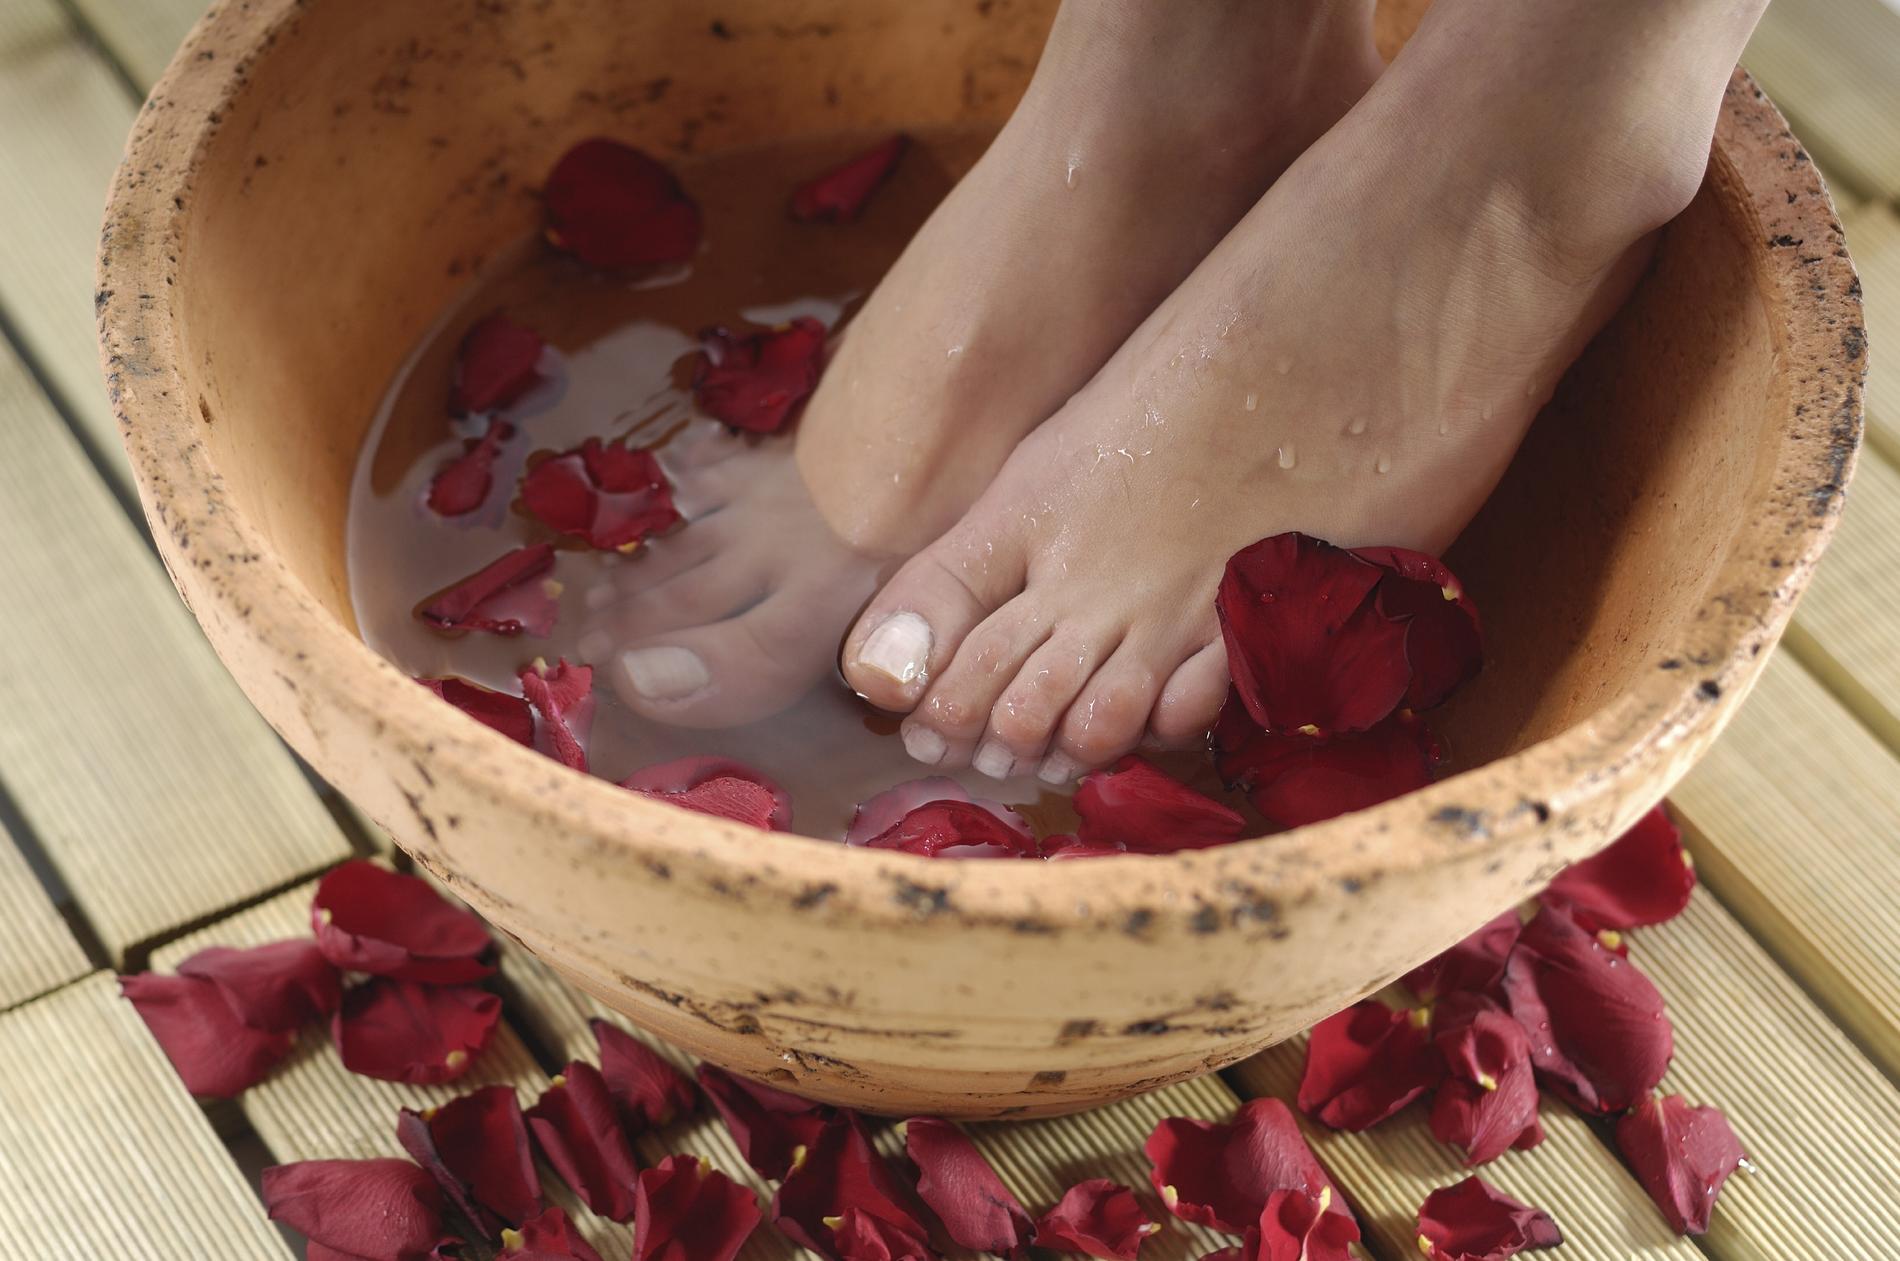 bain des pieds maison